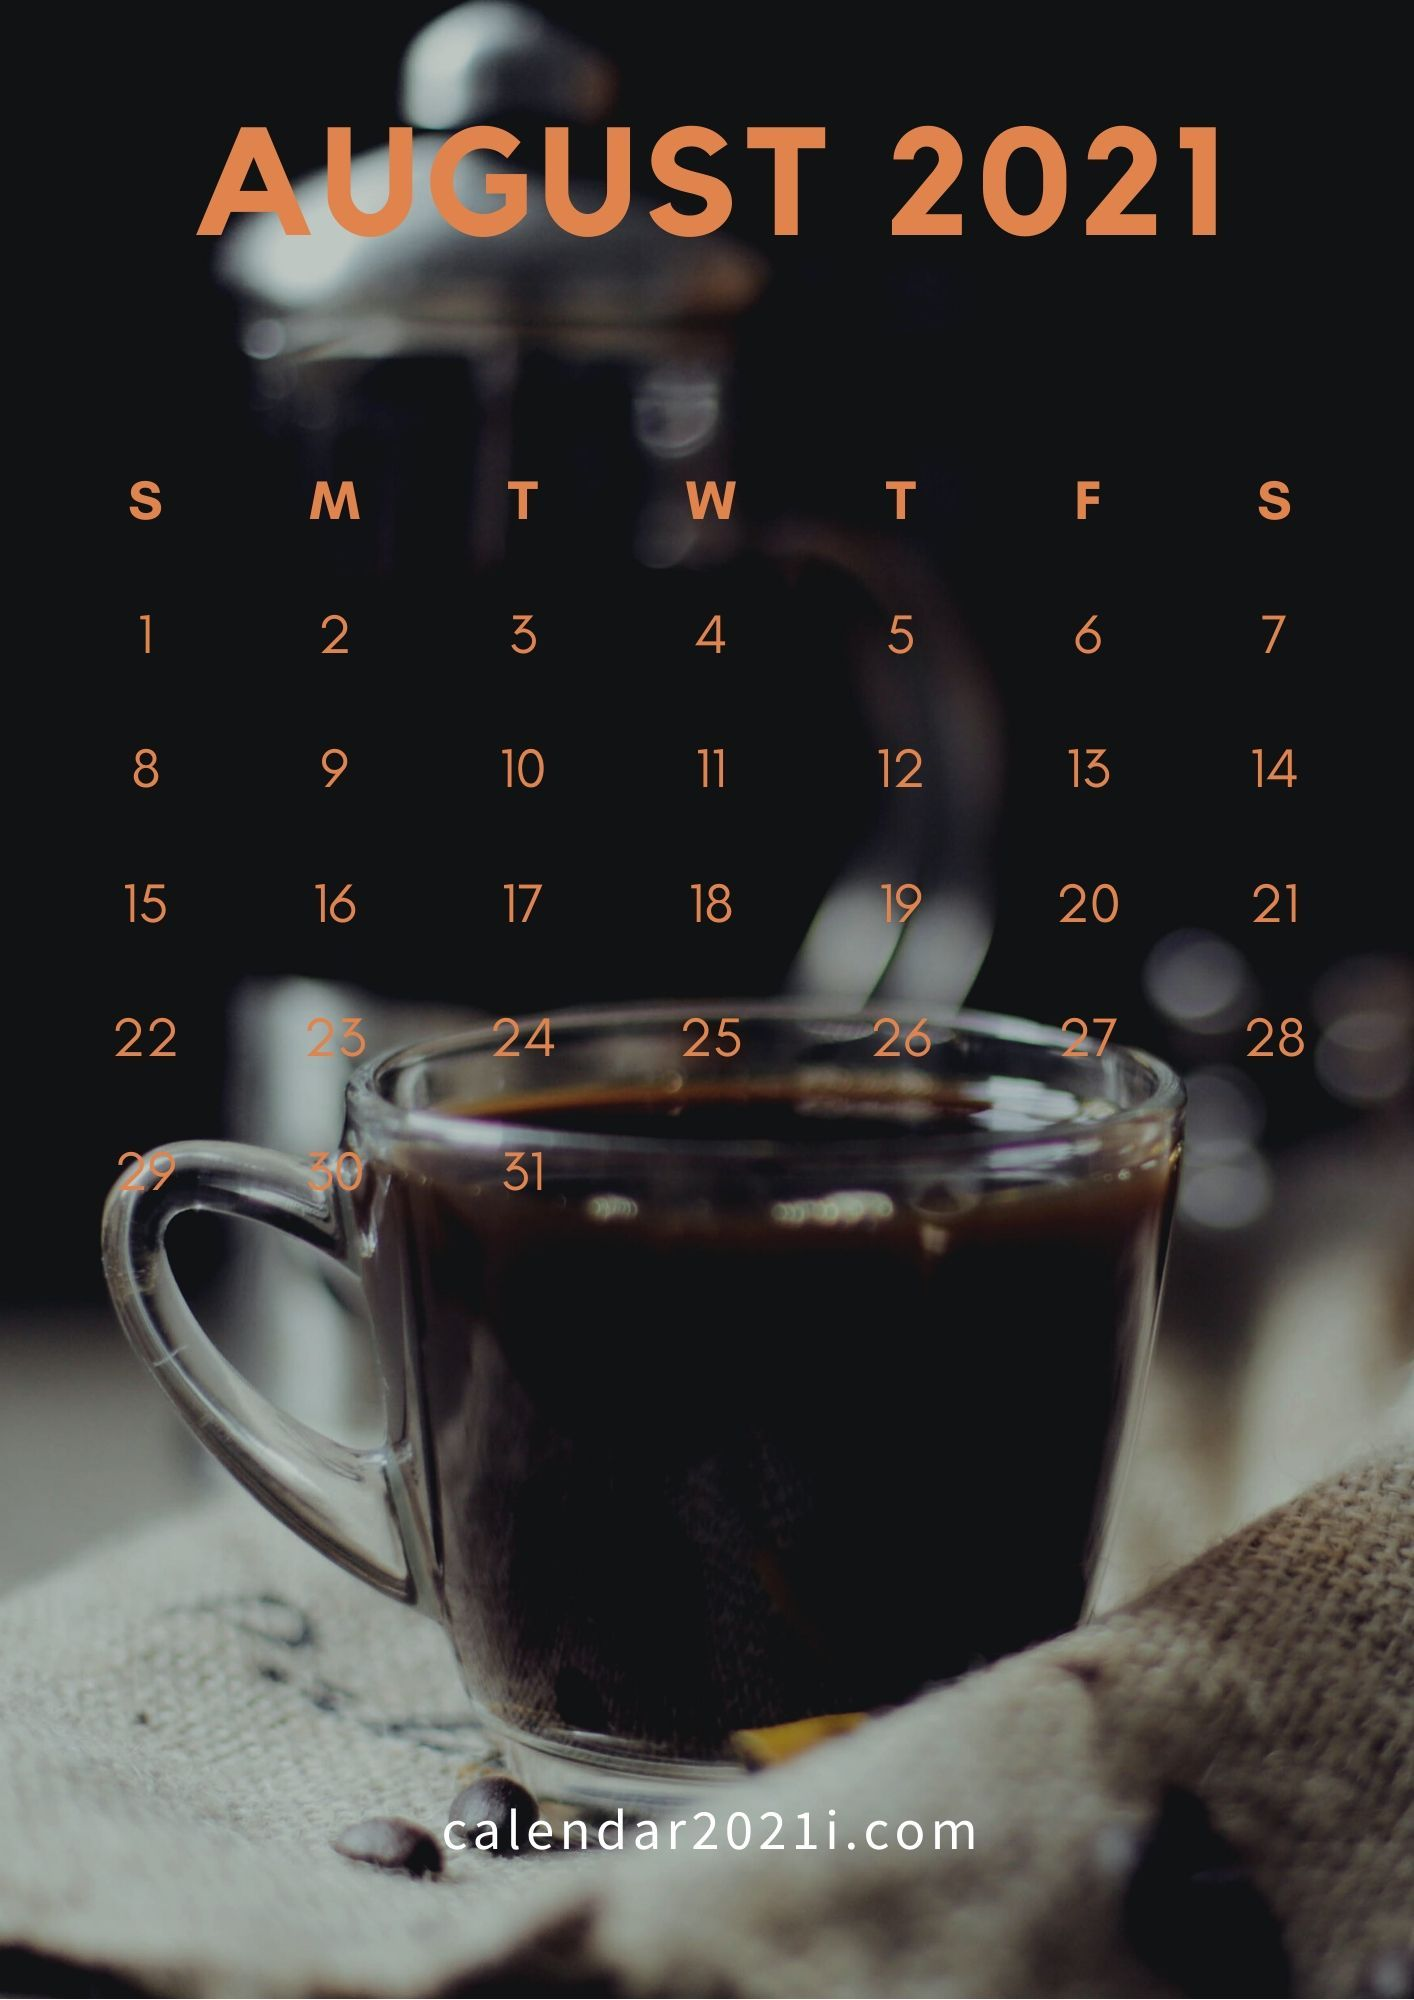 August 2021 Calendar Wallpaper August 2021 Calendar iPhone Wallpaper in high definition in 2020